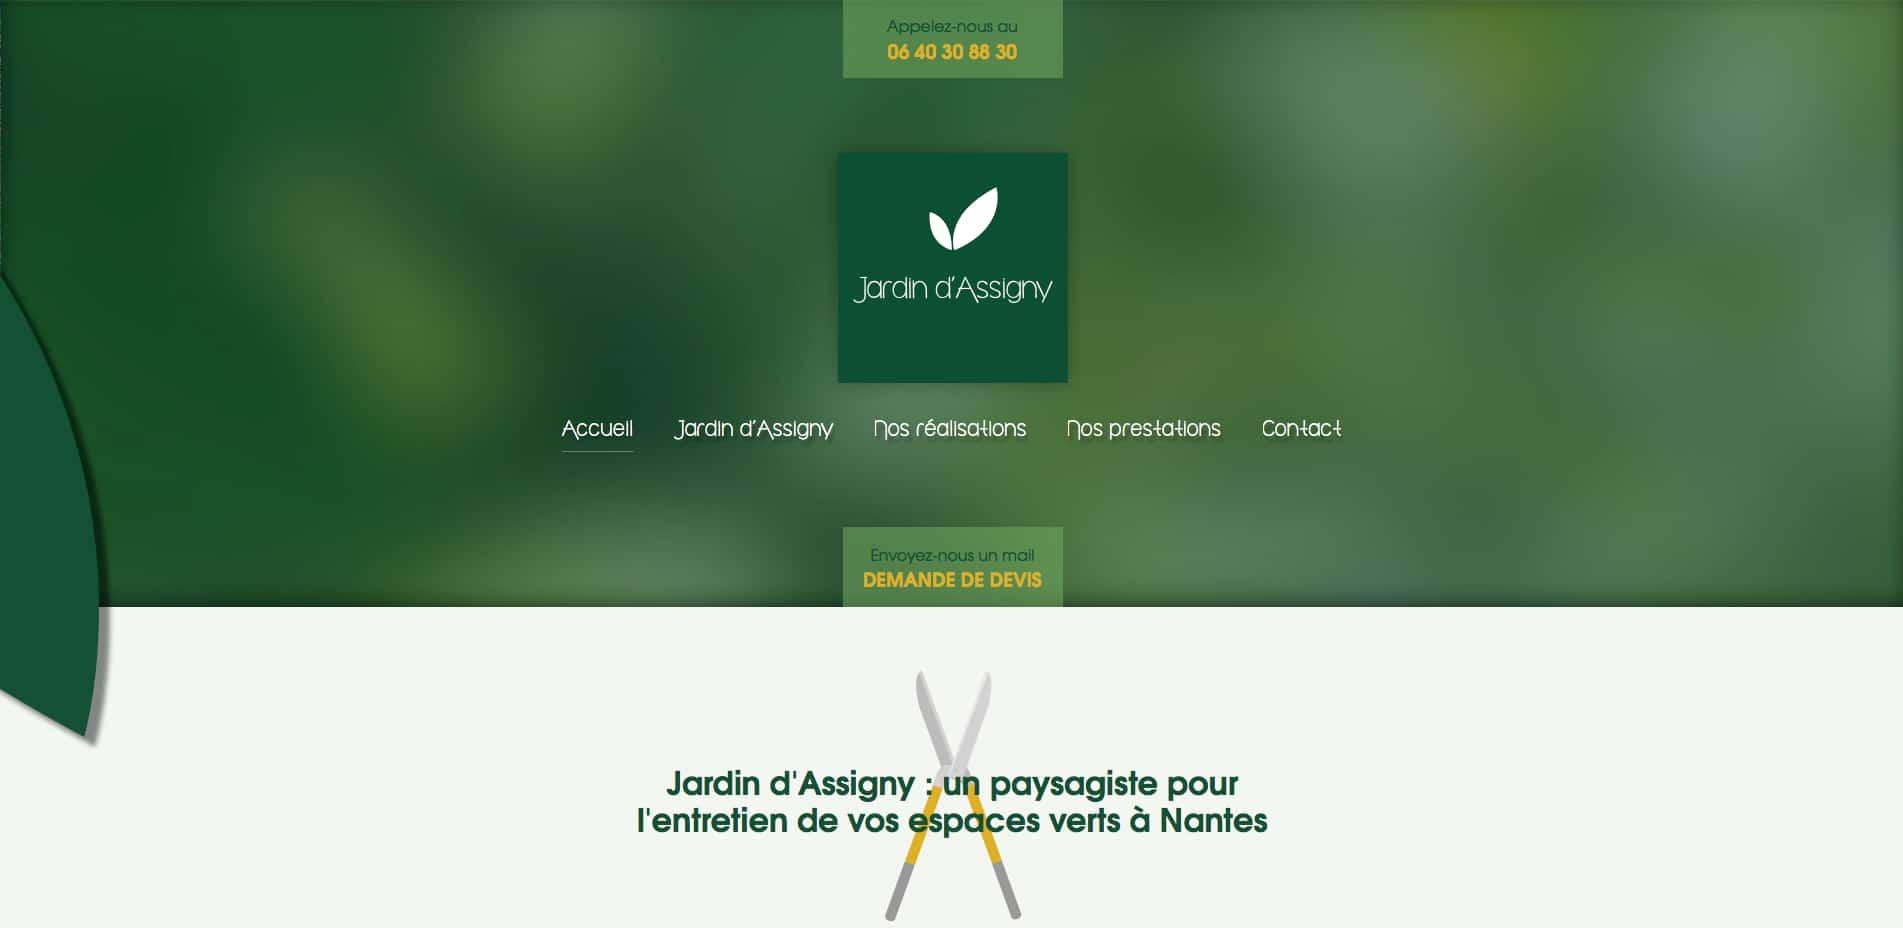 Conceptions sites web nantes dans les m tiers de services for Entretien jardin nantes